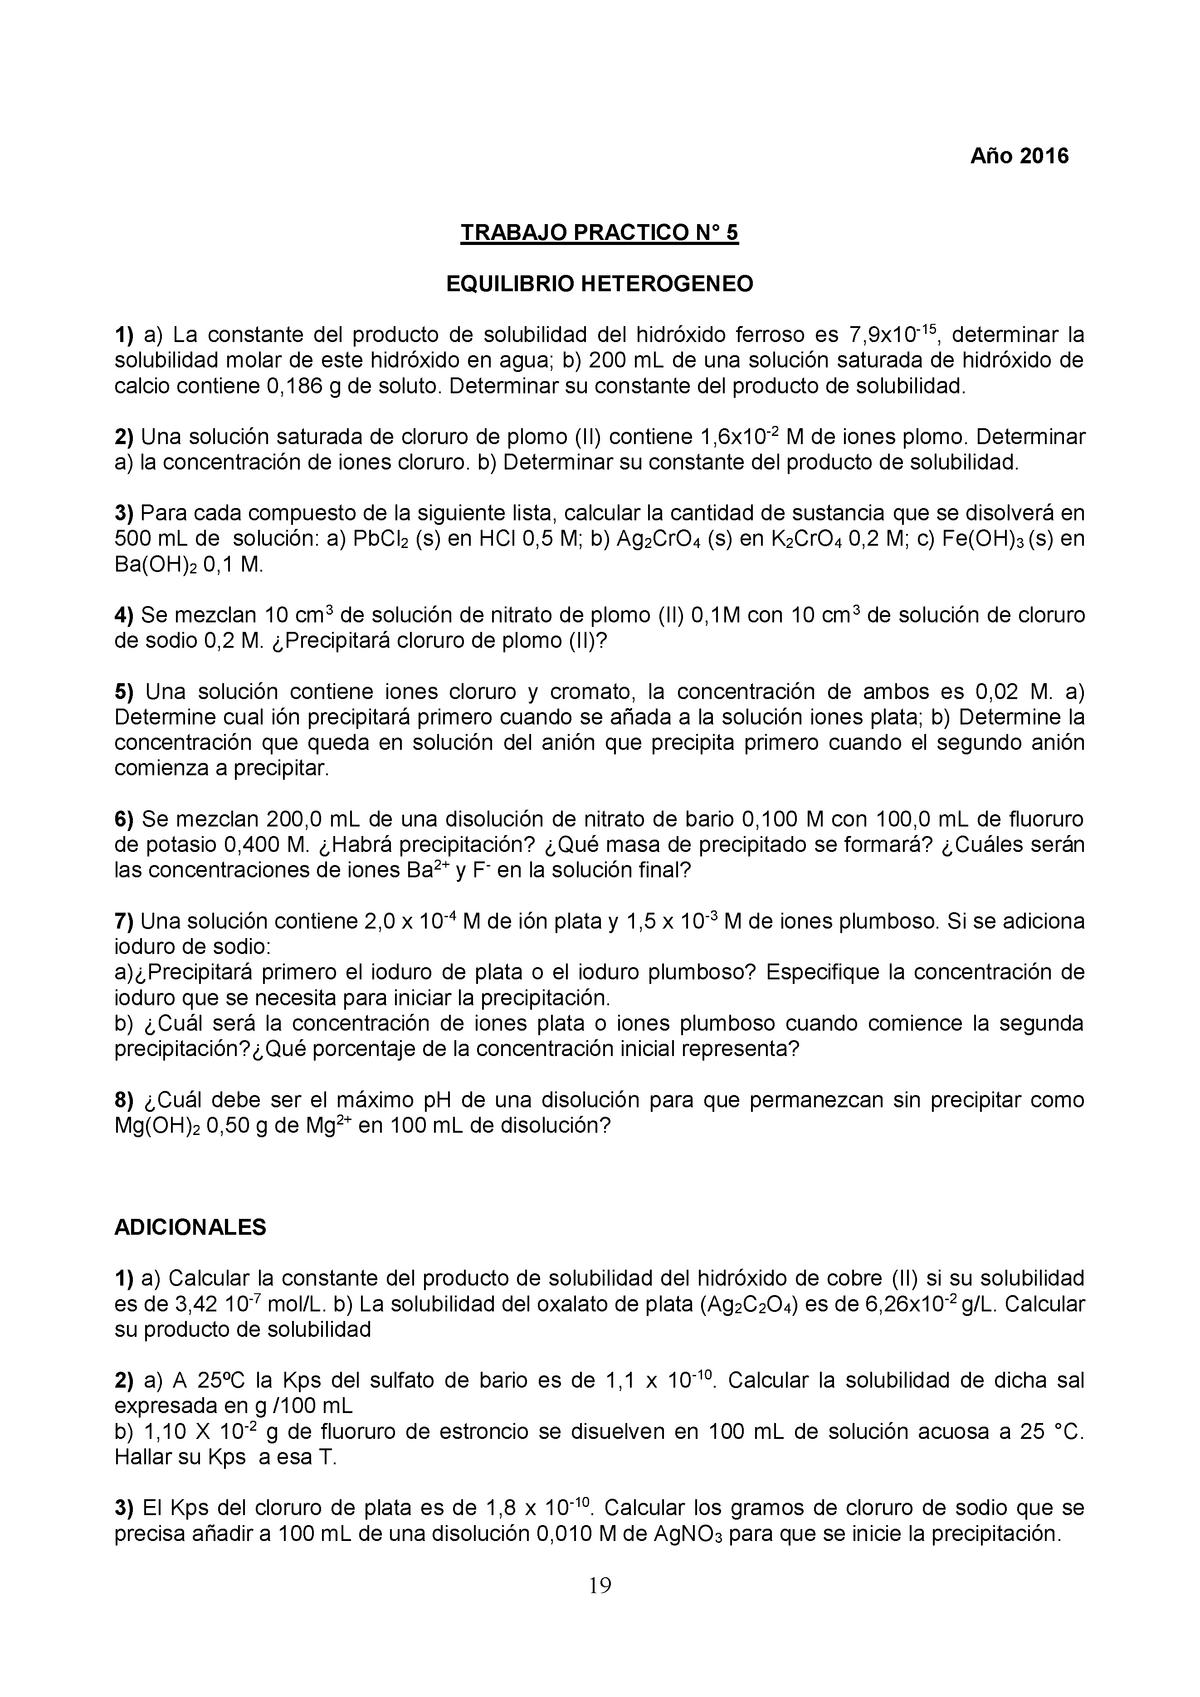 Tp - GUIA 5 2016 - Trabajo Práctico Equilibrio Heterogeneo